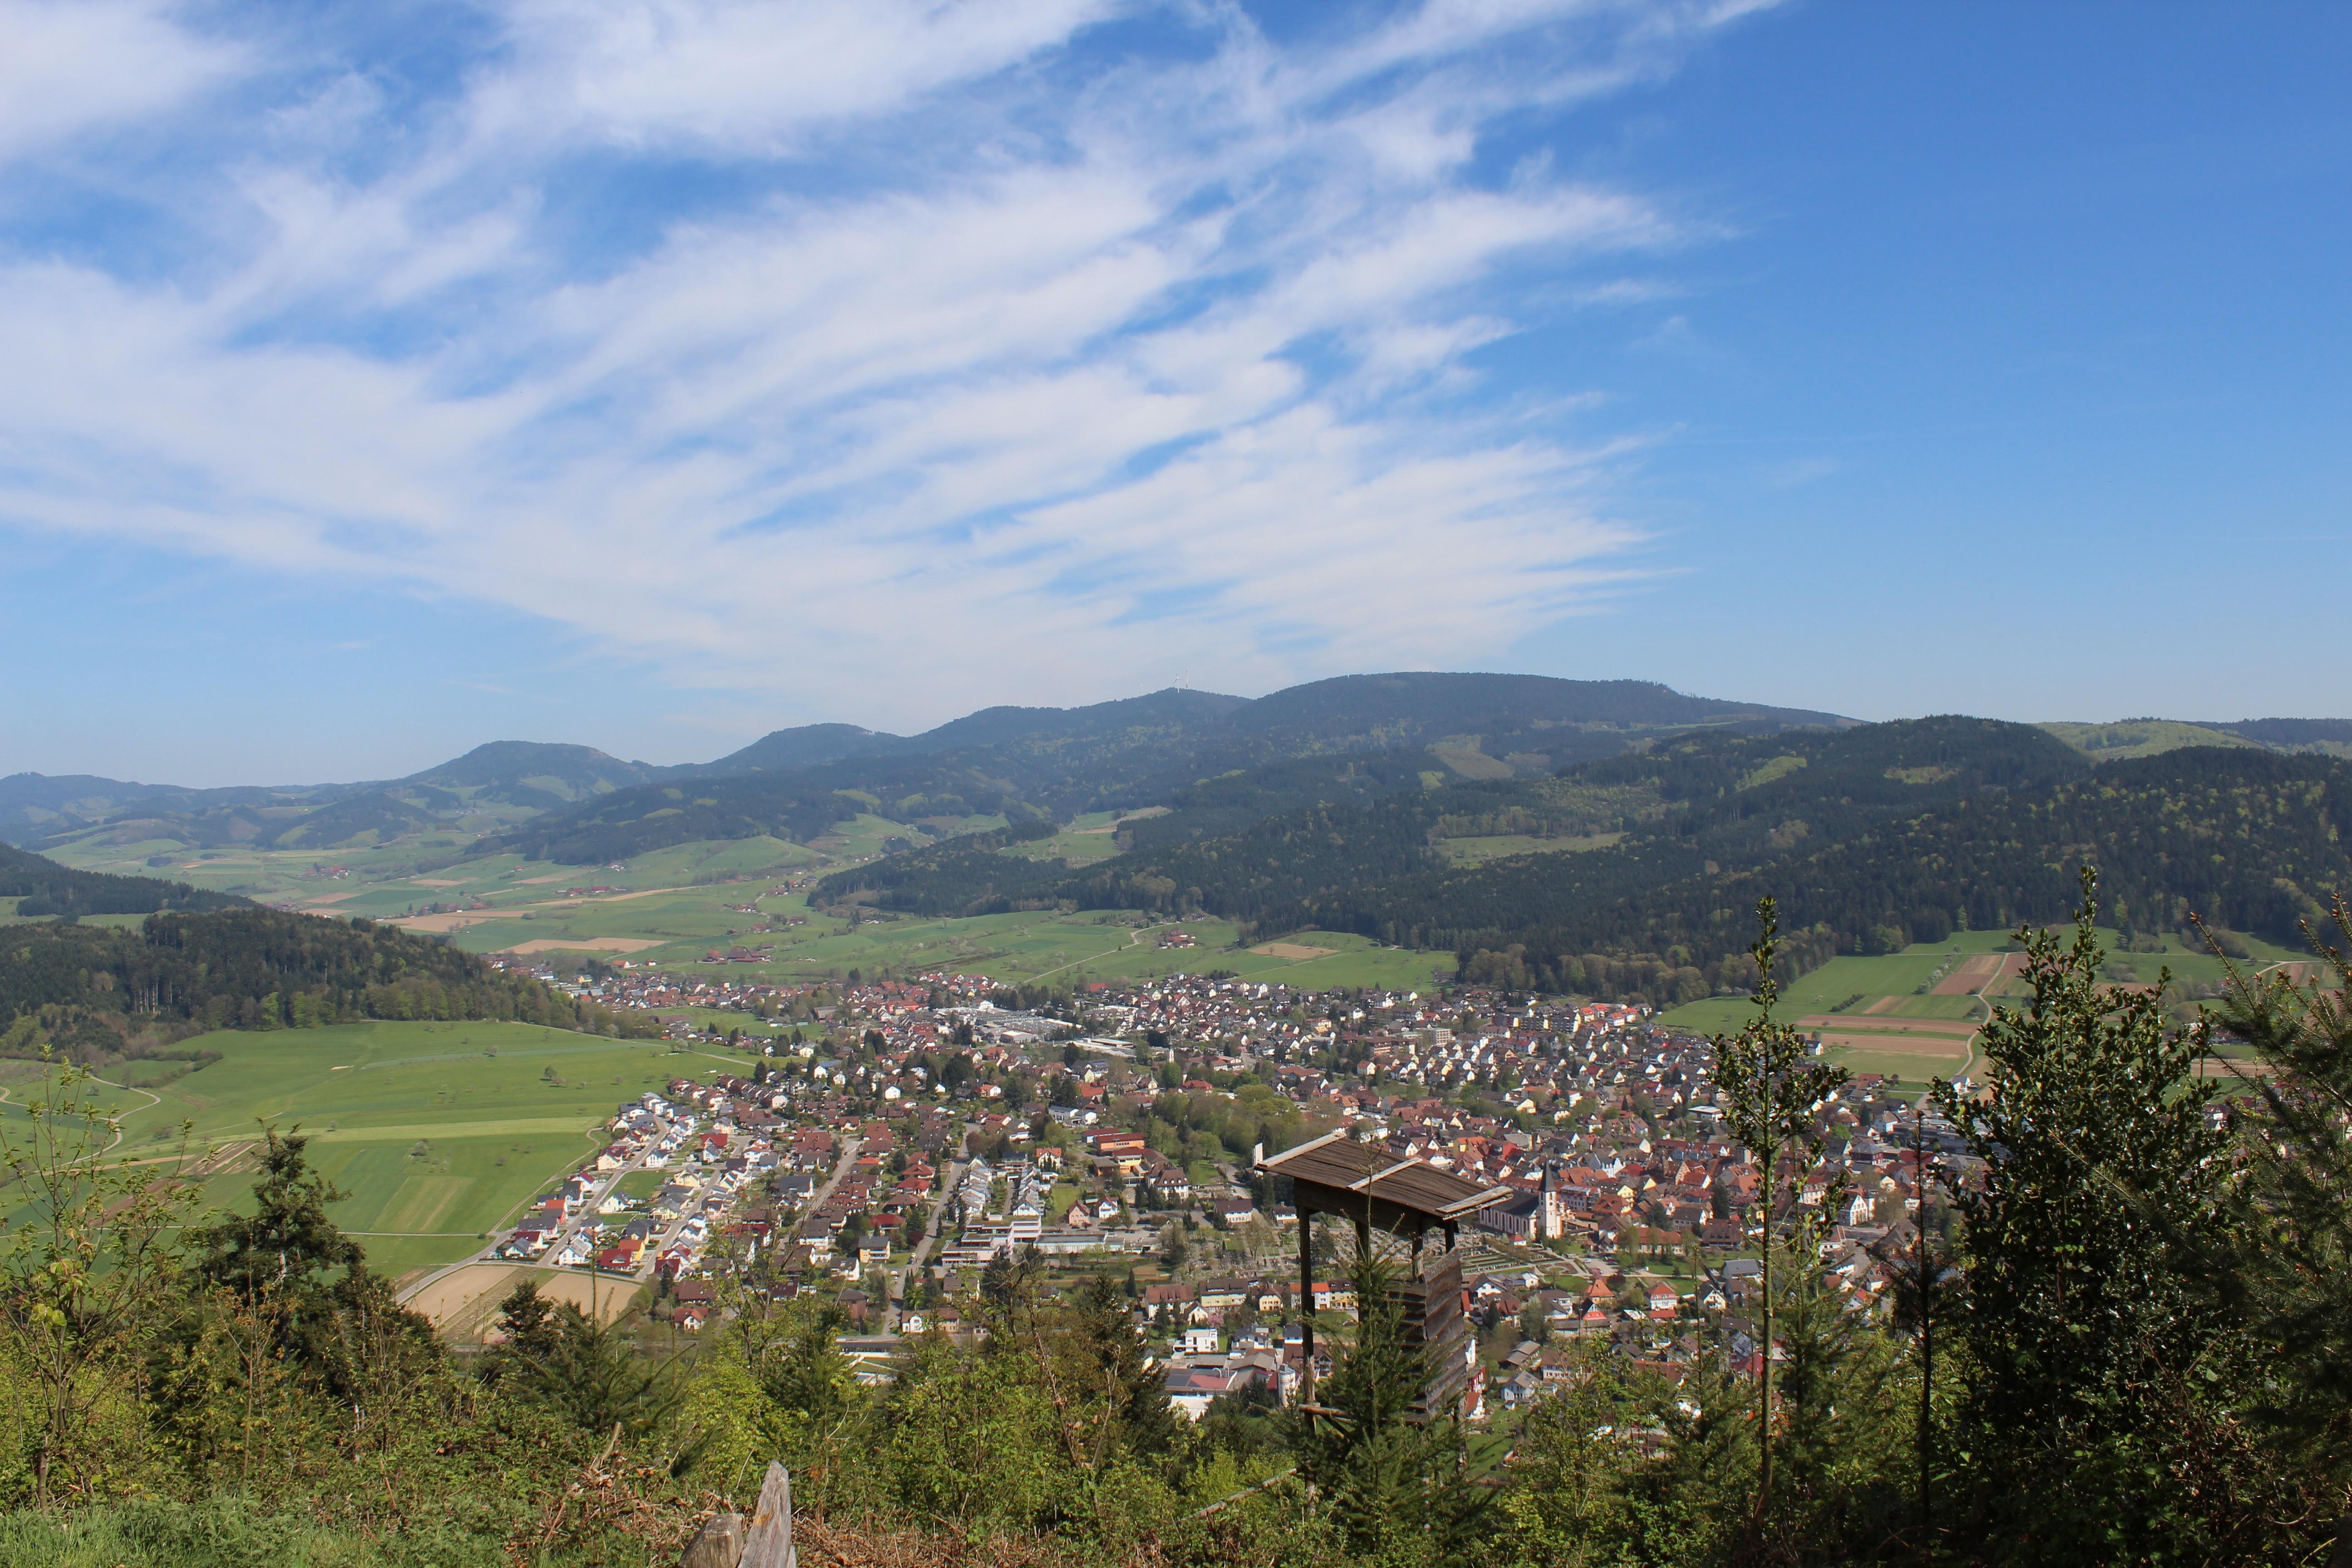 Badwaldblick